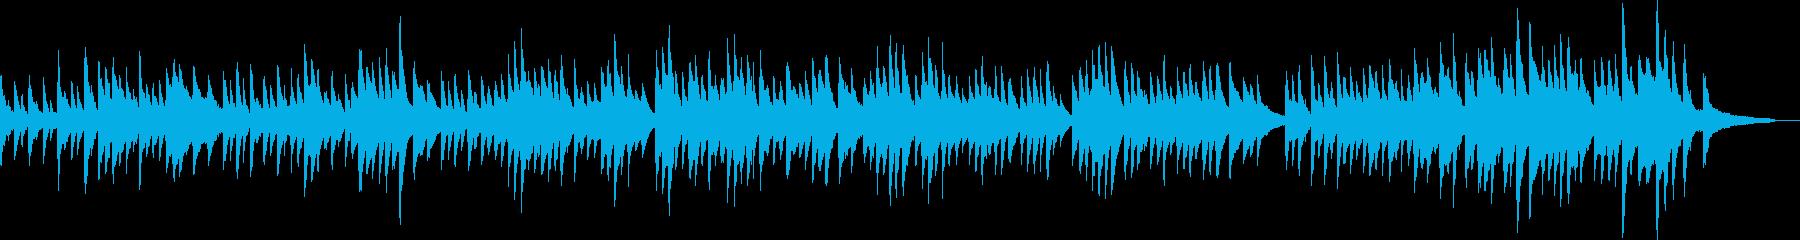 優しいピアノバラード(幻想的・落ち着く)の再生済みの波形